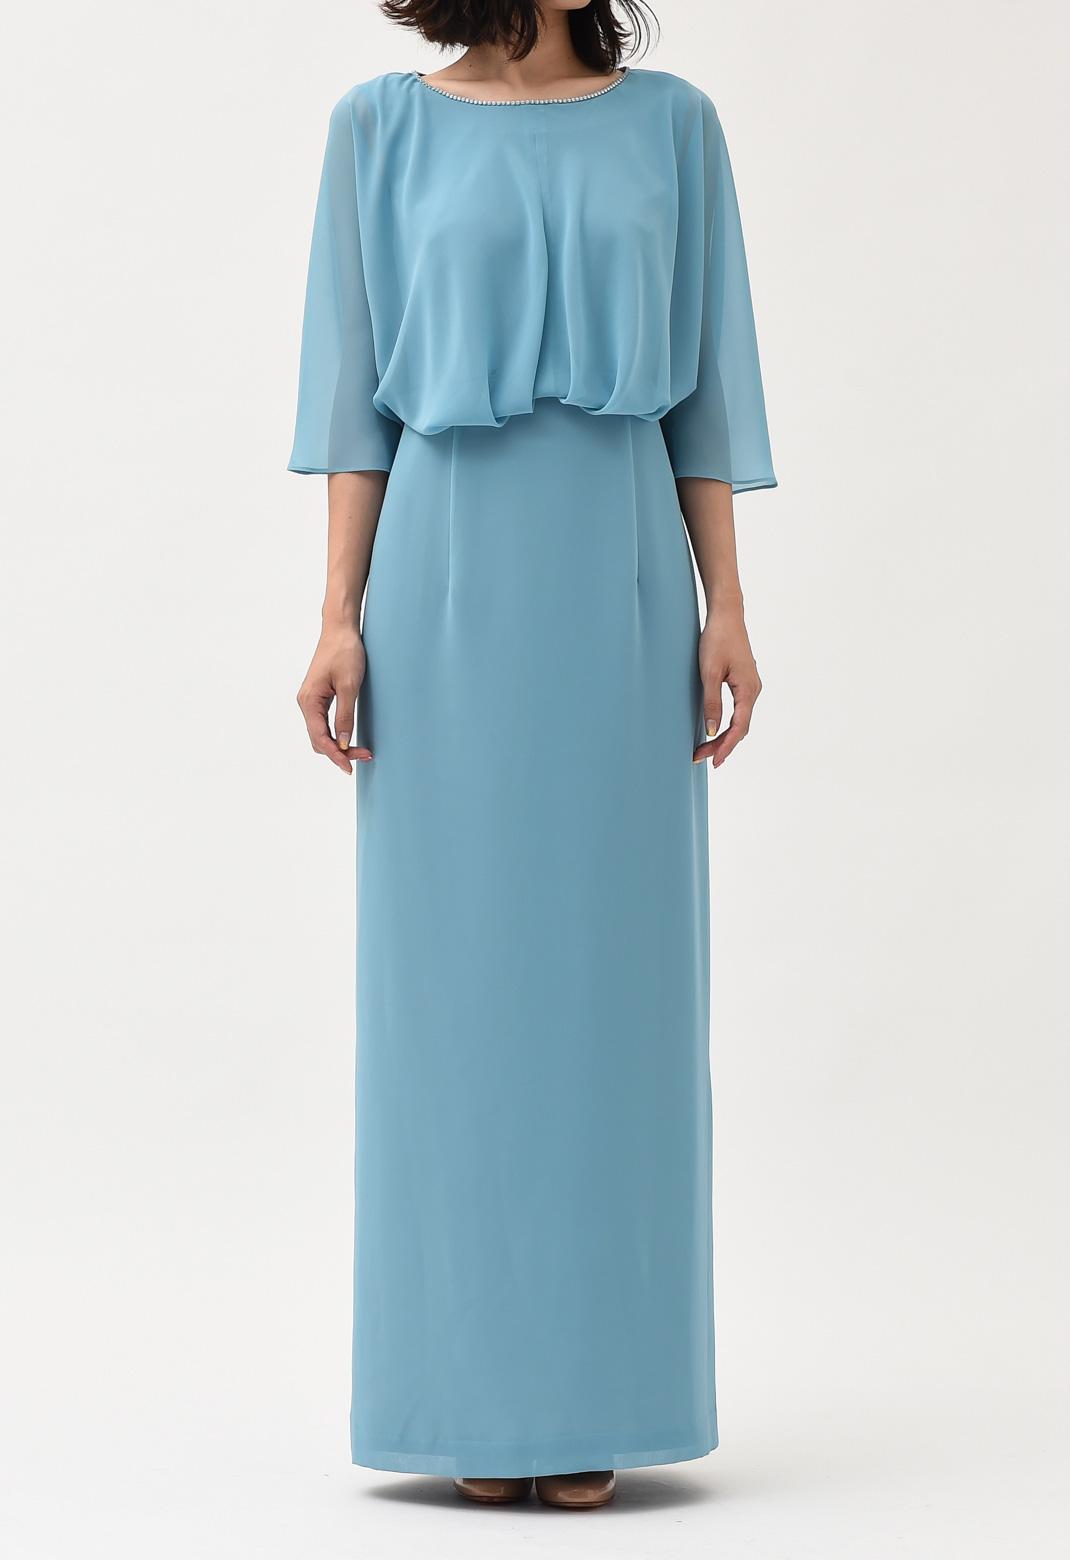 ネックビジュー 五分袖 ロングドレス